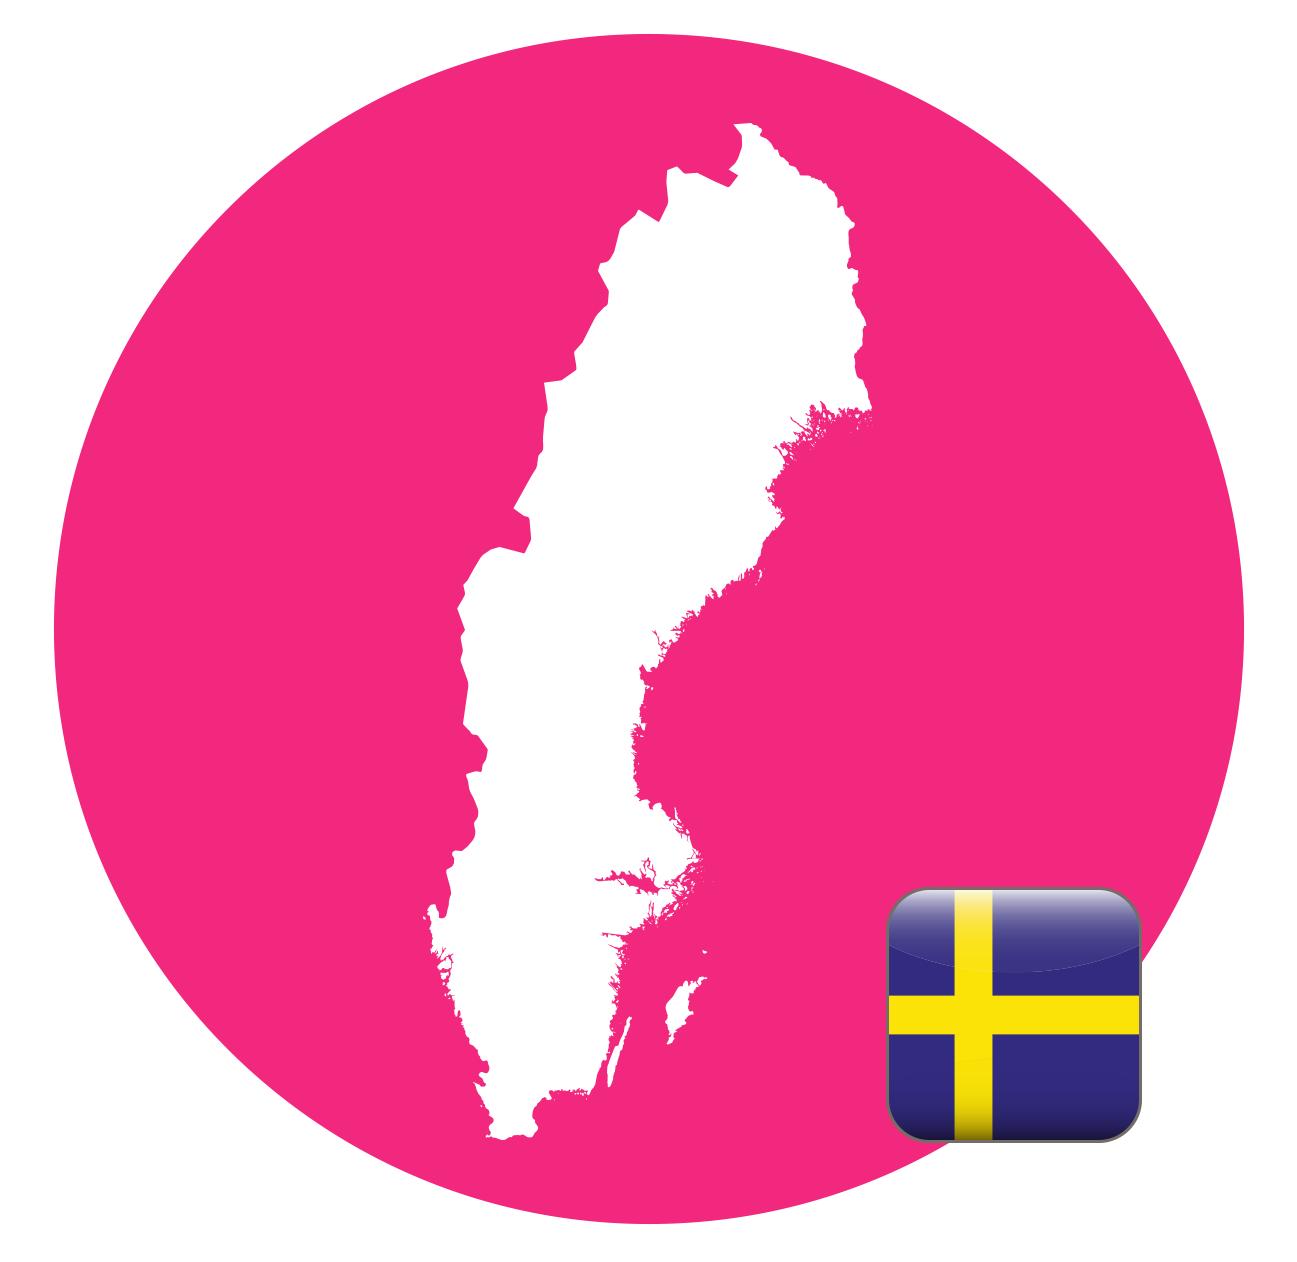 (SE)  Östersund (Åre under alpina VM 4-17 feb)  Mora  Stockholm, Hammarbybacken